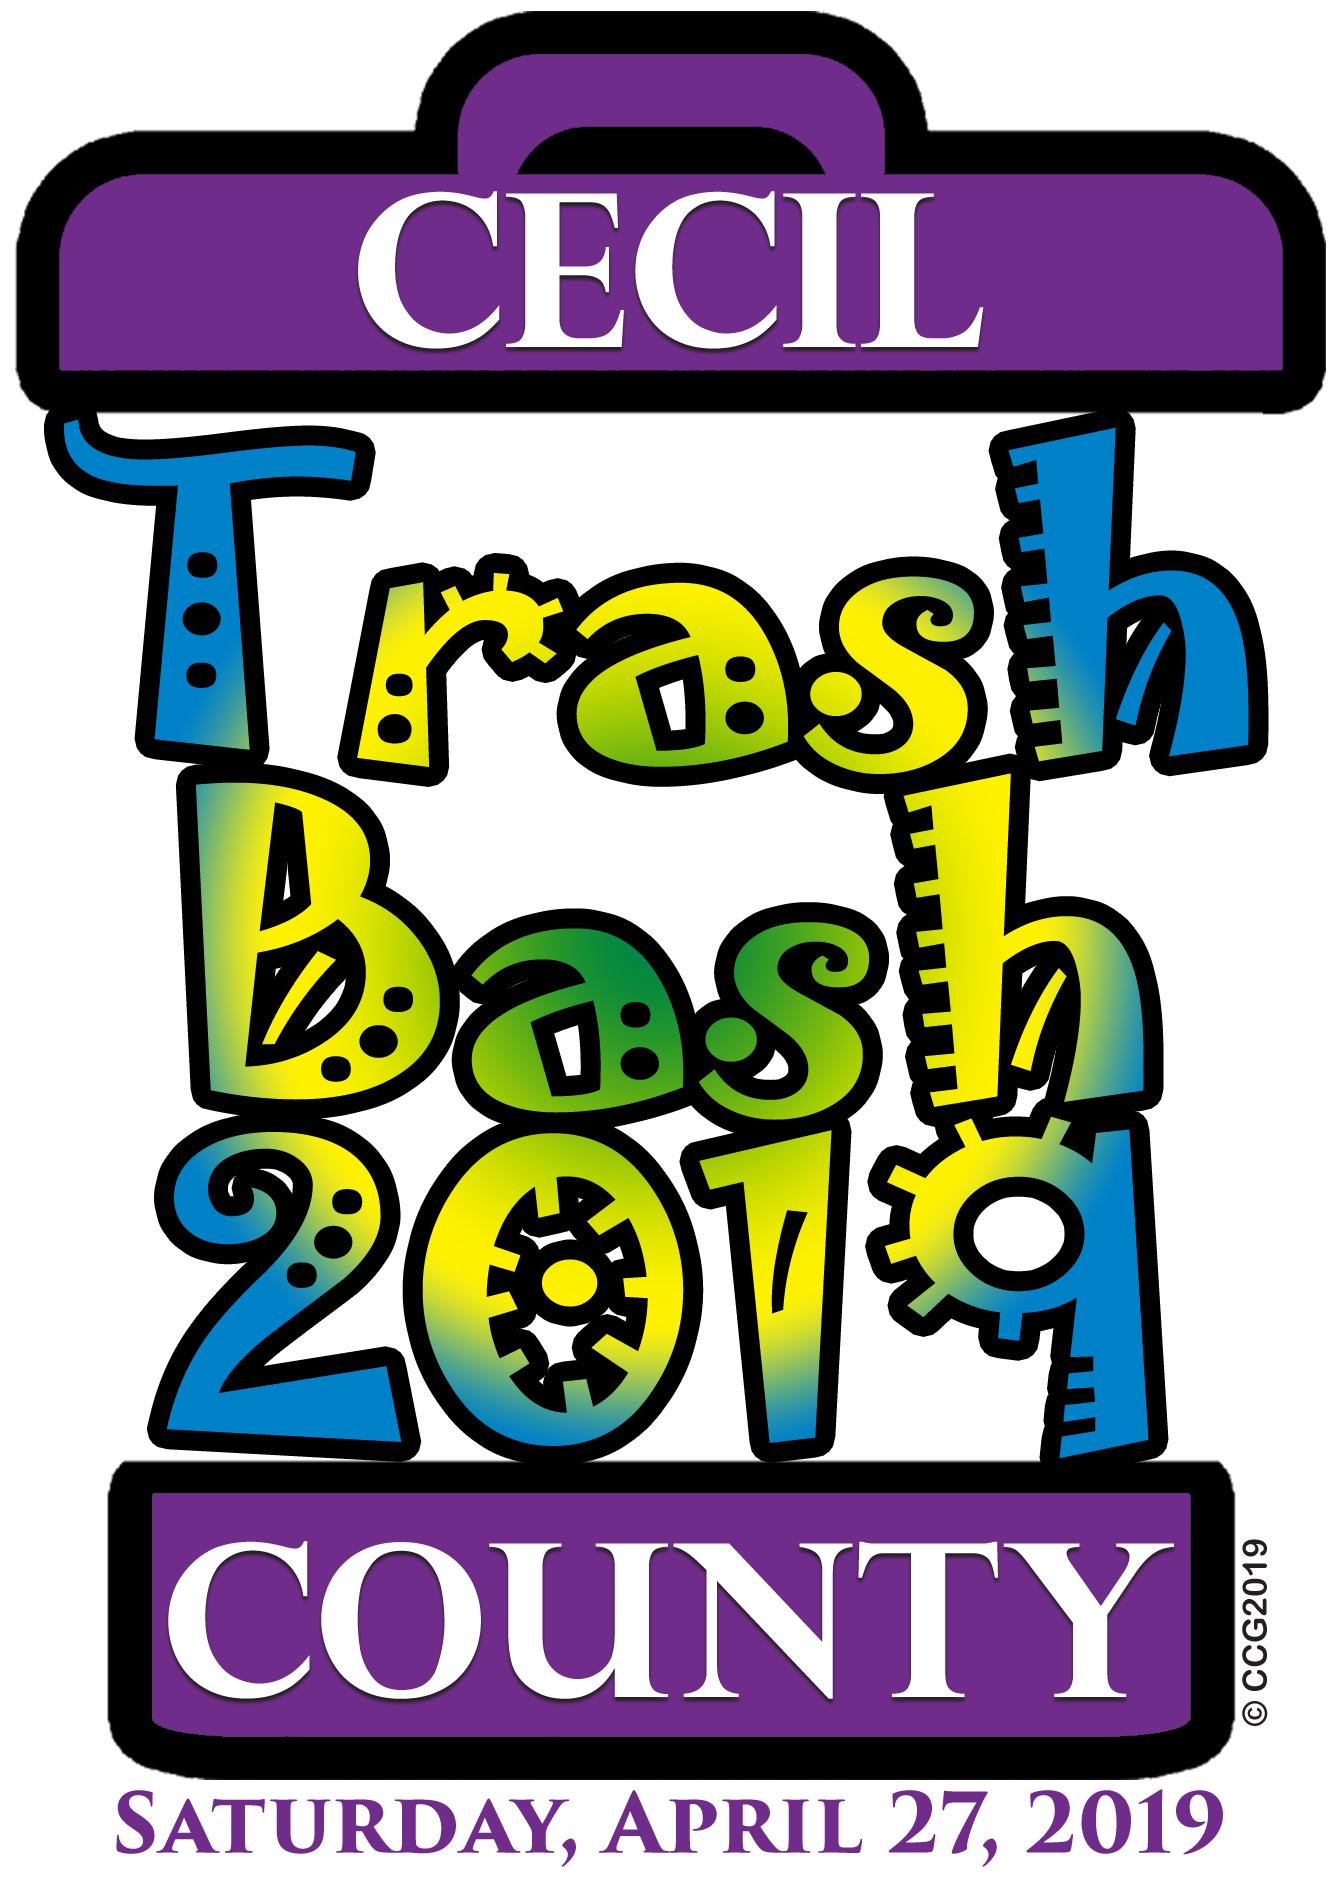 CECIL COUNTY TRASH BASH 2019